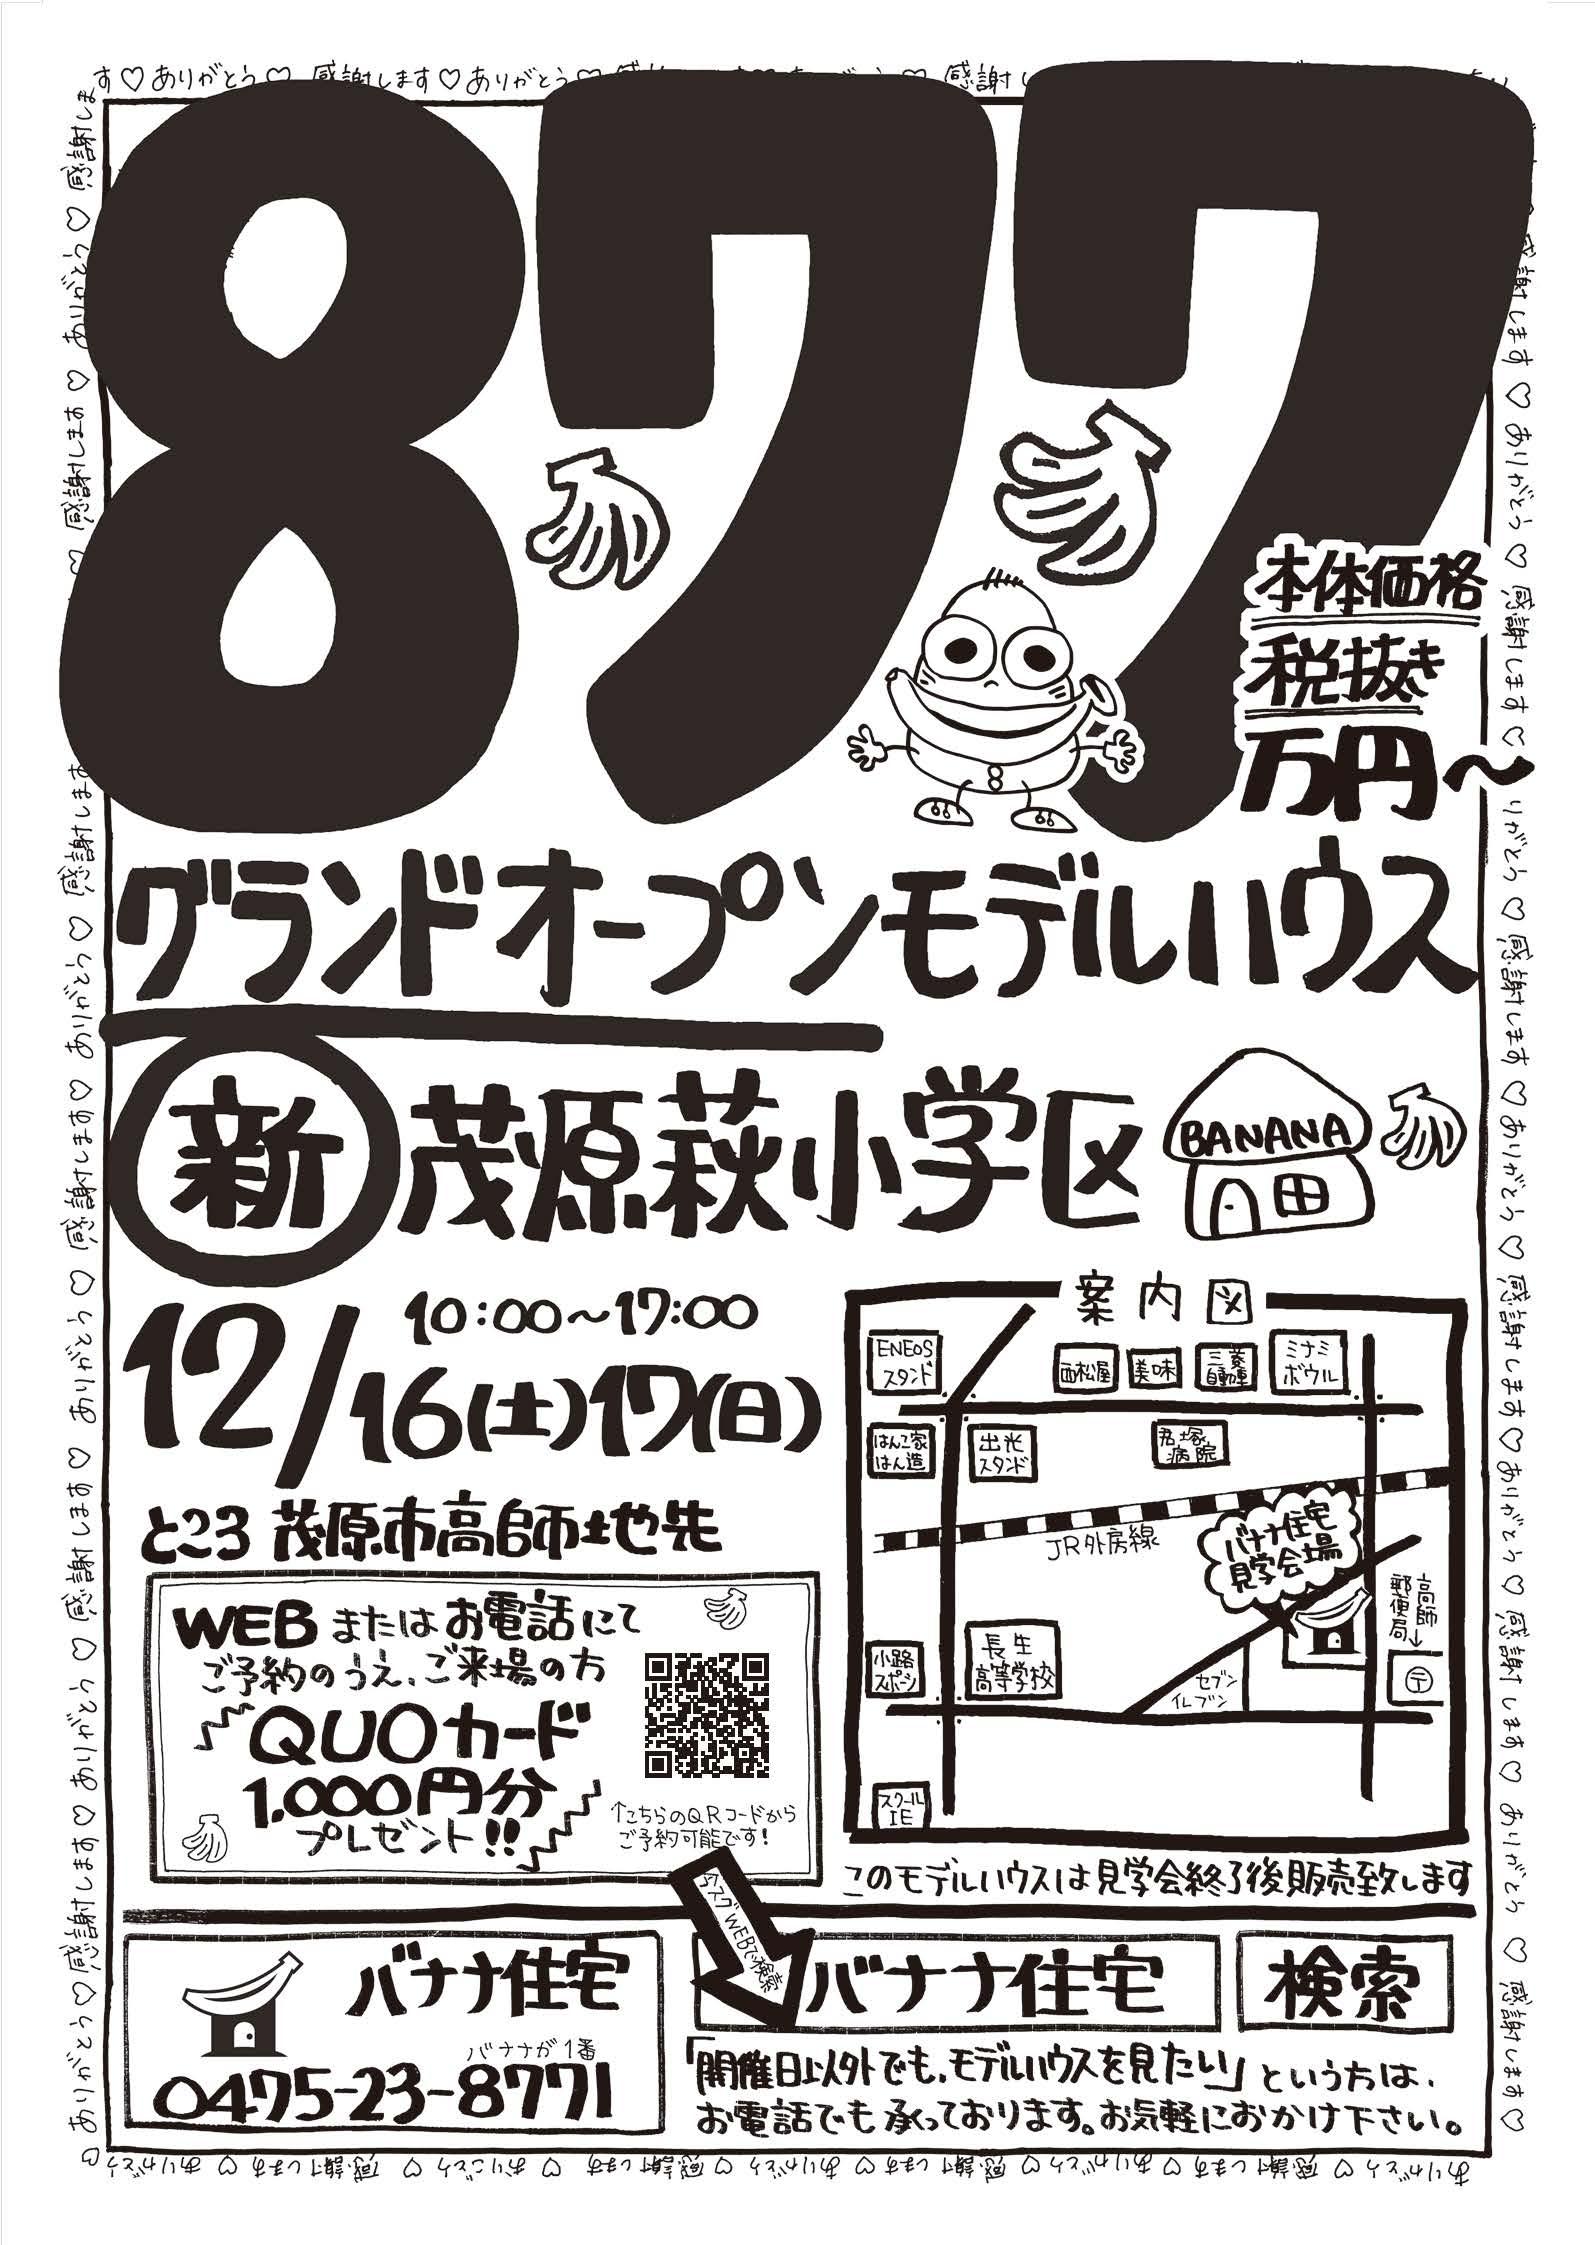 【茂原萩原】新モデルハウスオープン!